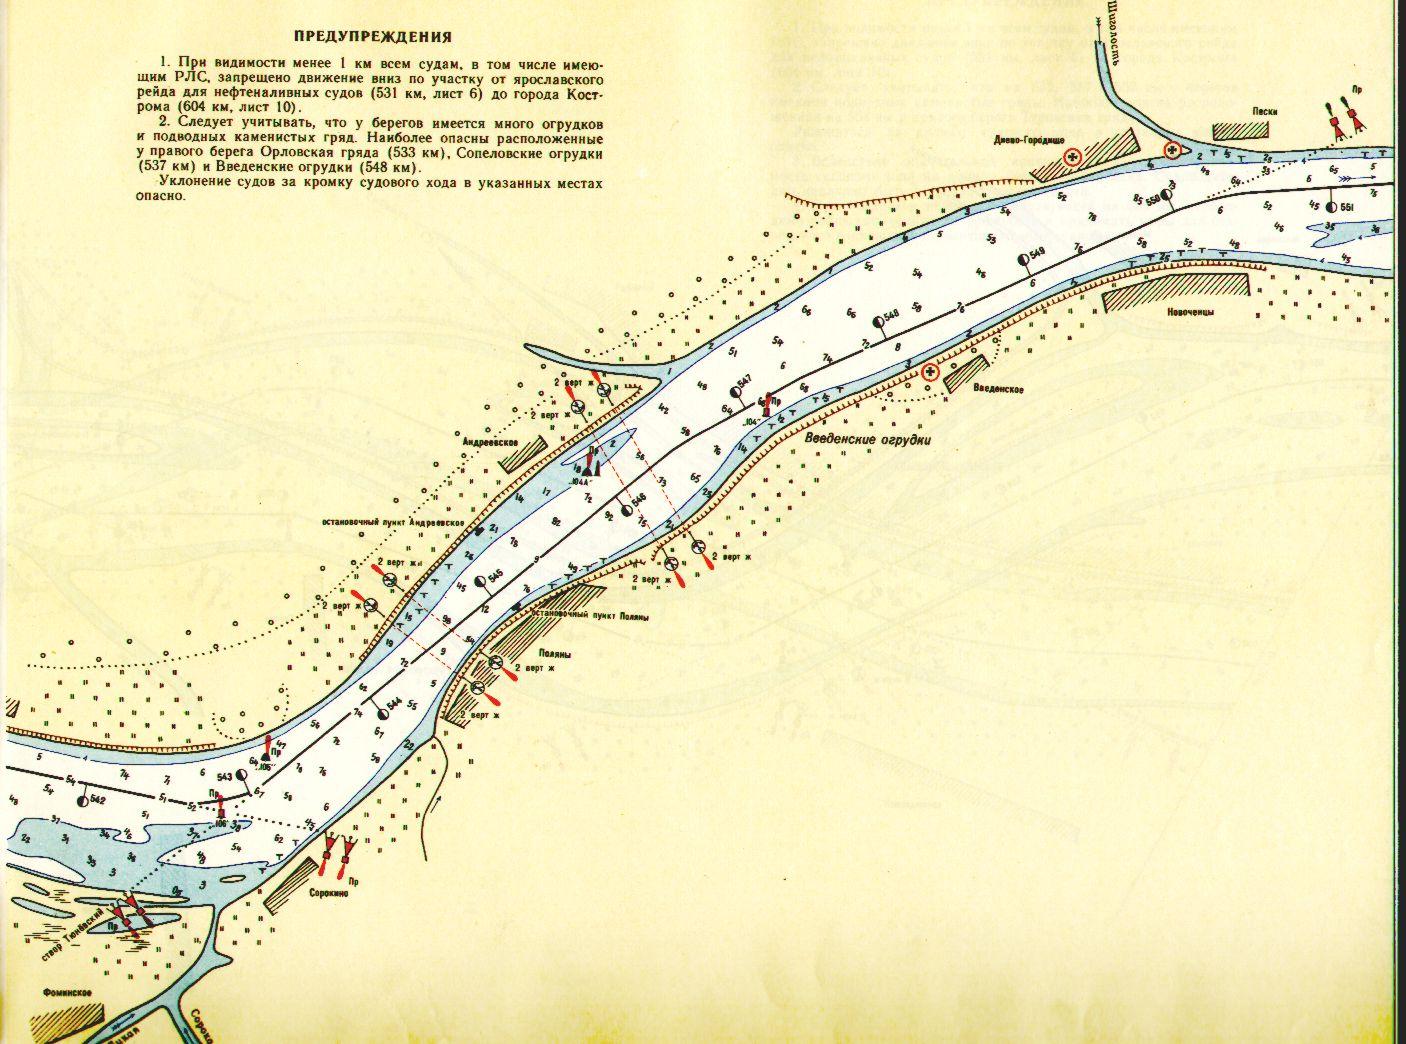 карта рыболовных мест на горьковском водохранилище